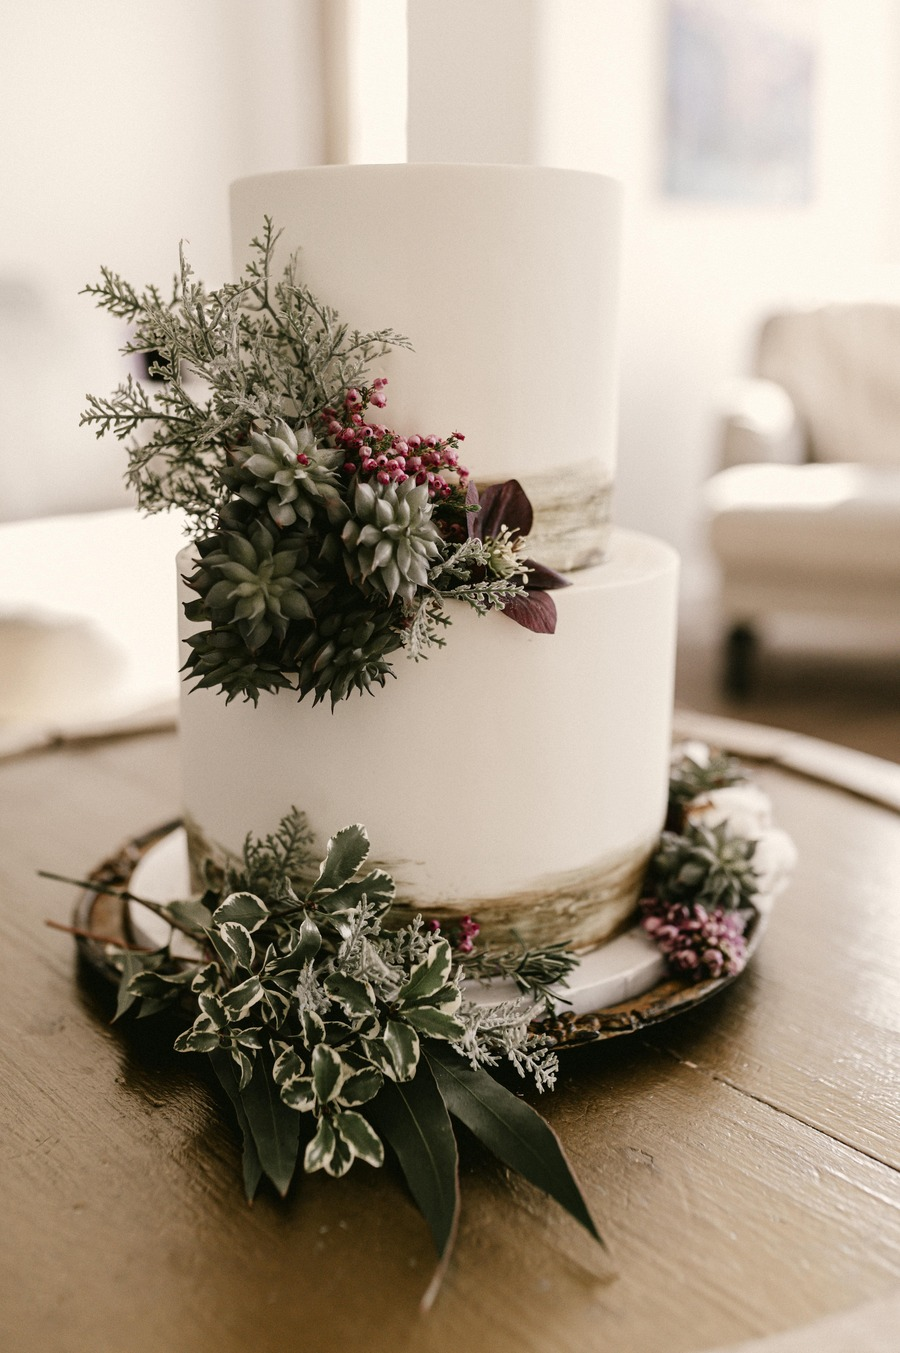 flors_plantes_bertran_bodes_2_Editorial Boho Sitges-min